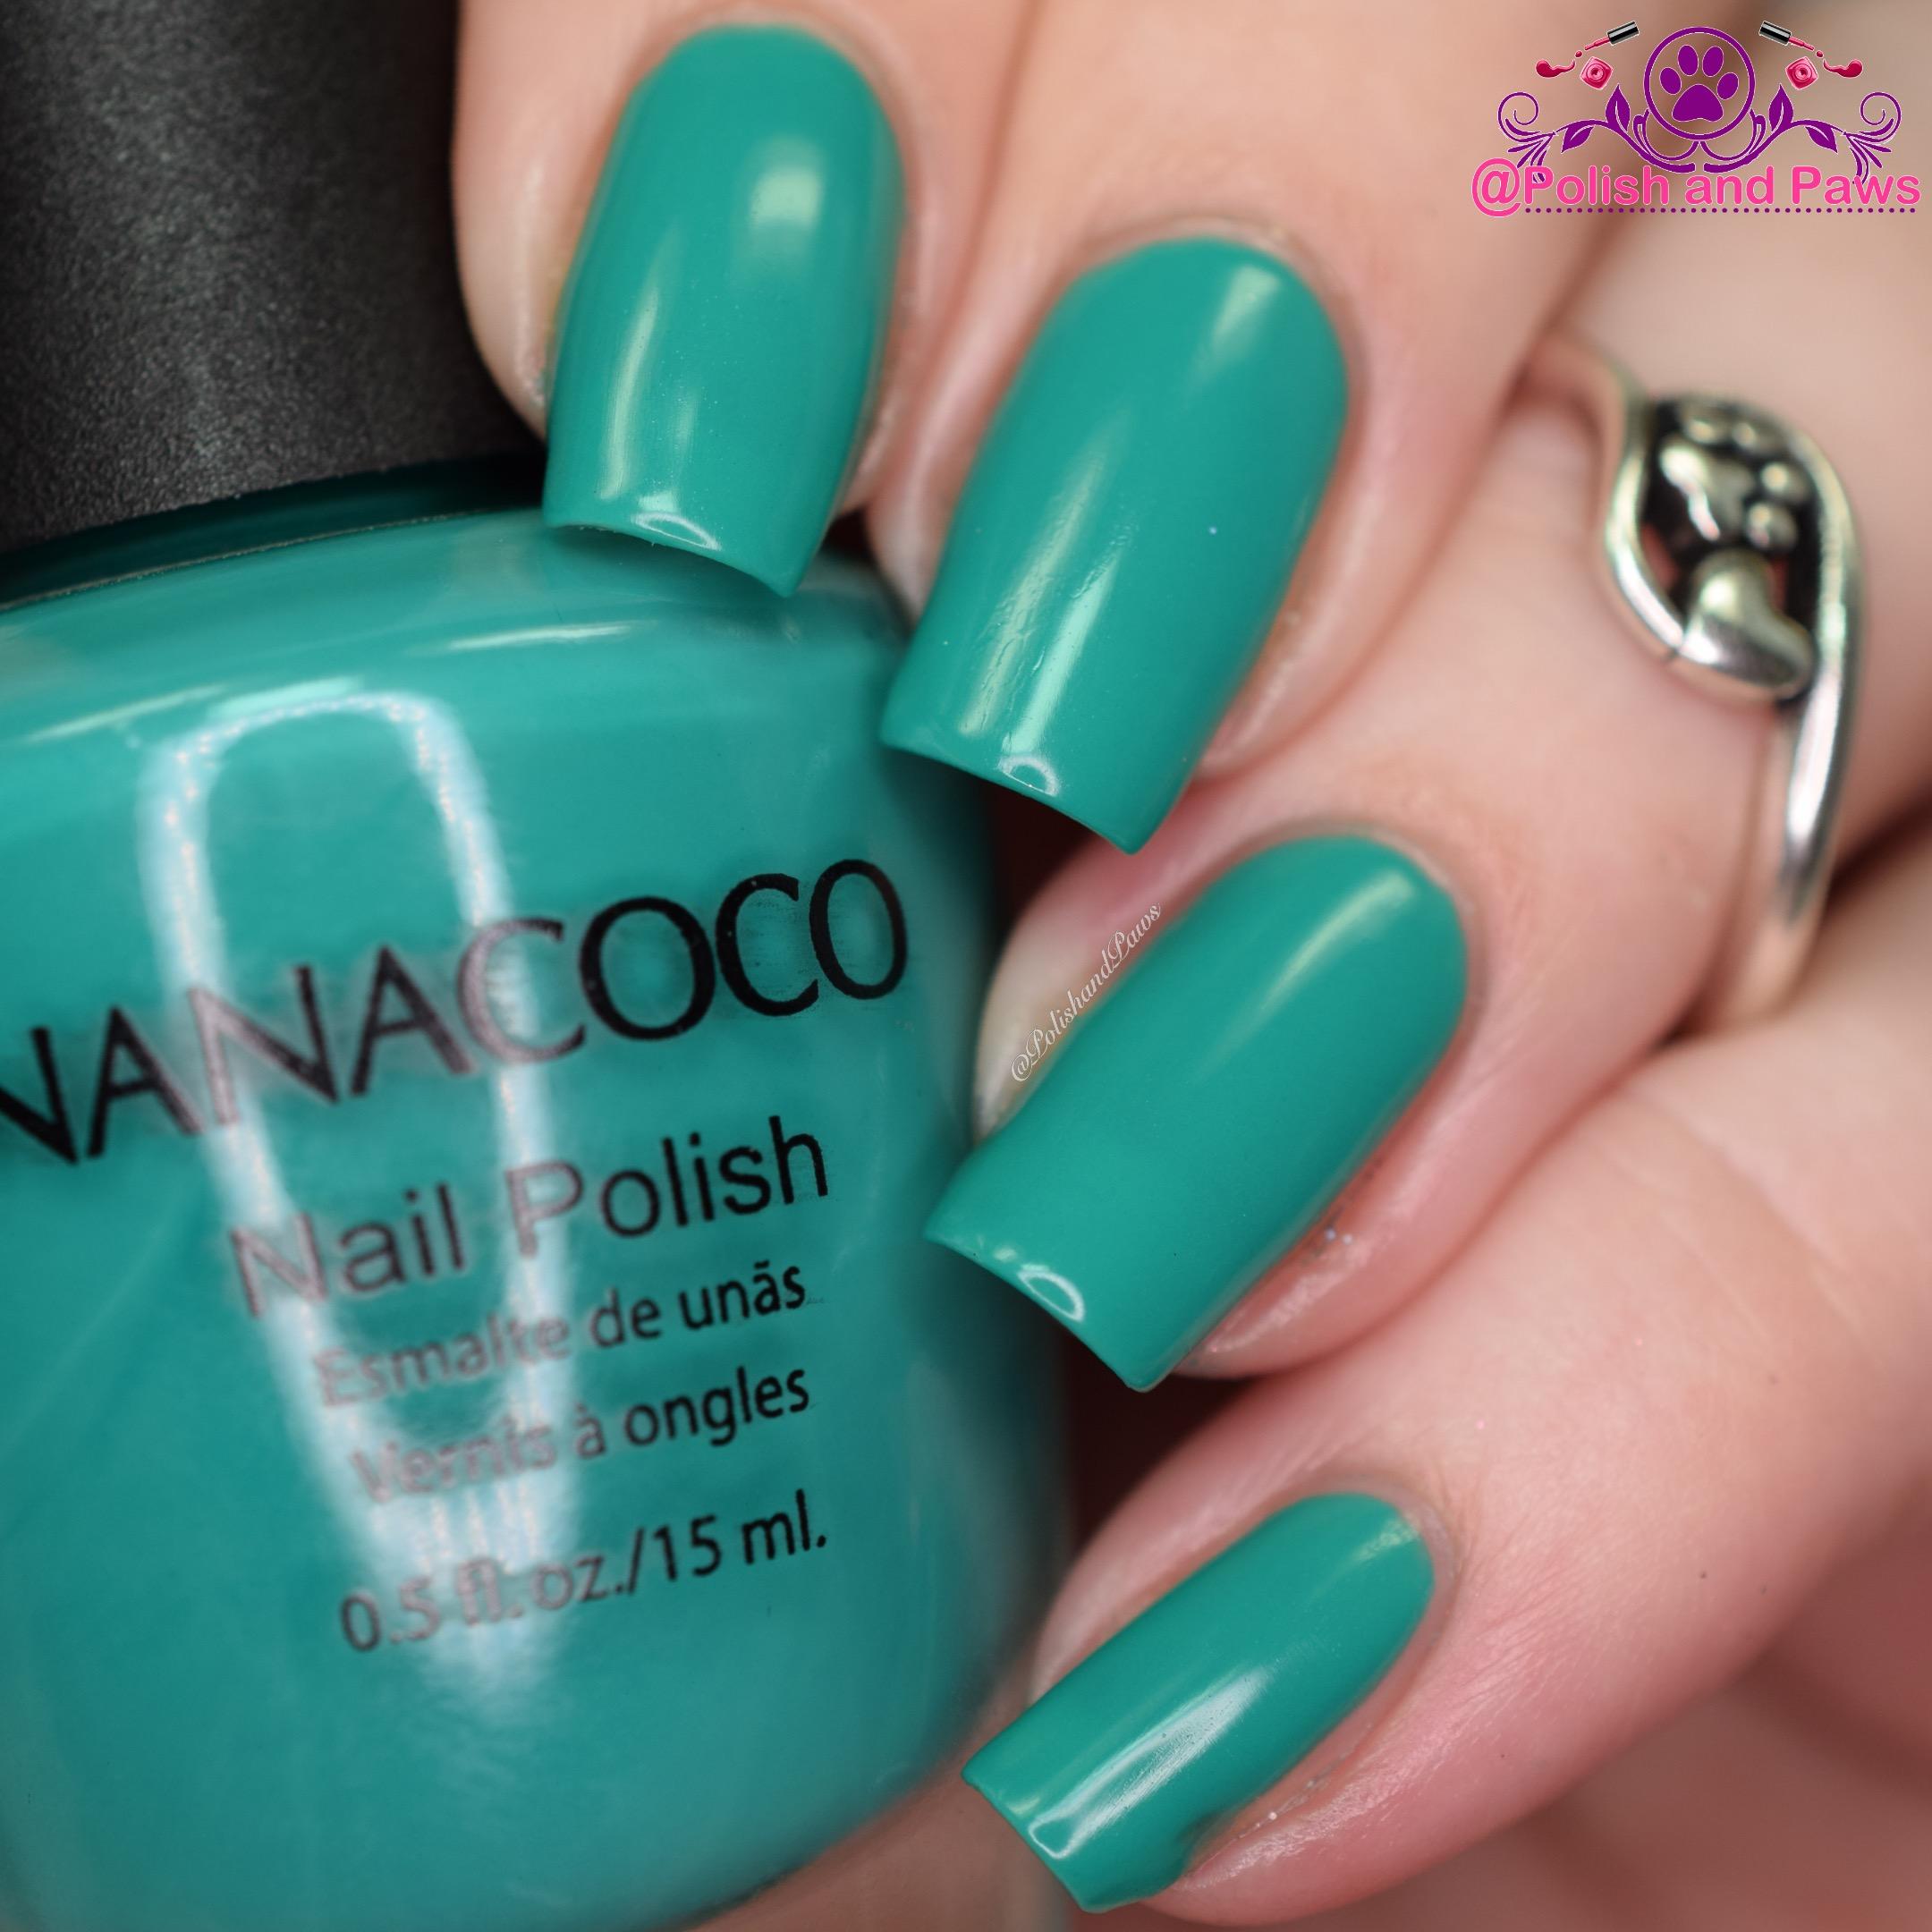 Nanacoco Nail Polish ~ Swatch and Review | Polish and Paws